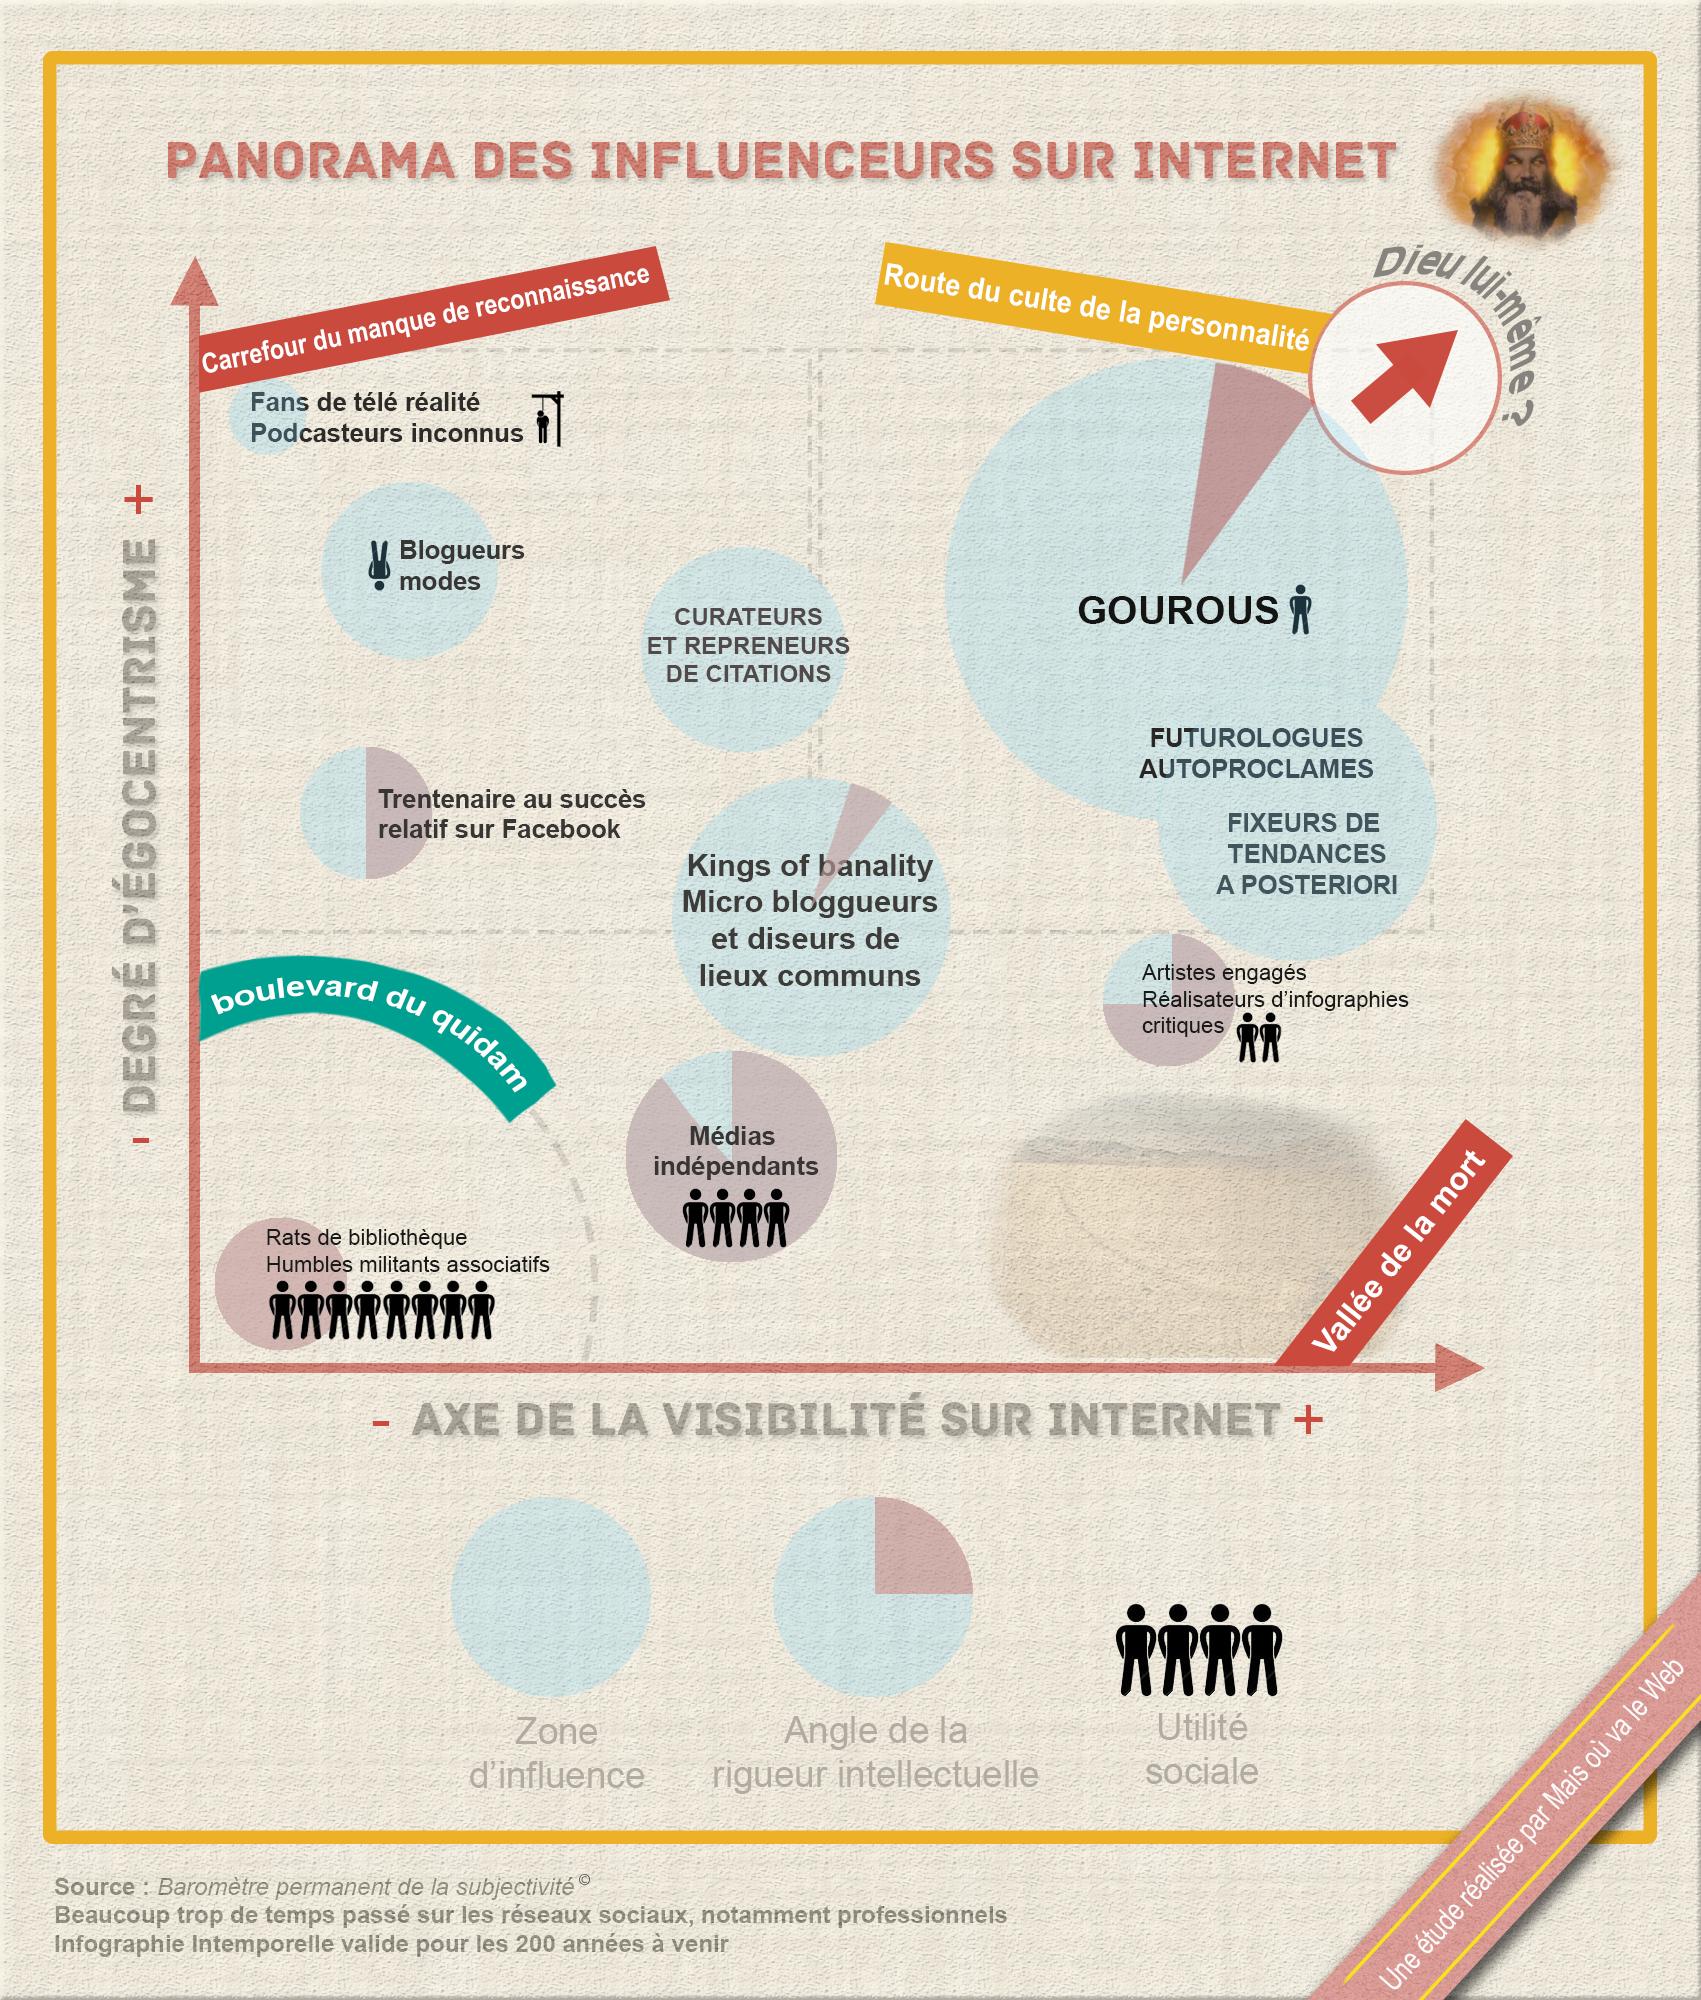 Influence et influenceurs sur le web infographie, gourous du net